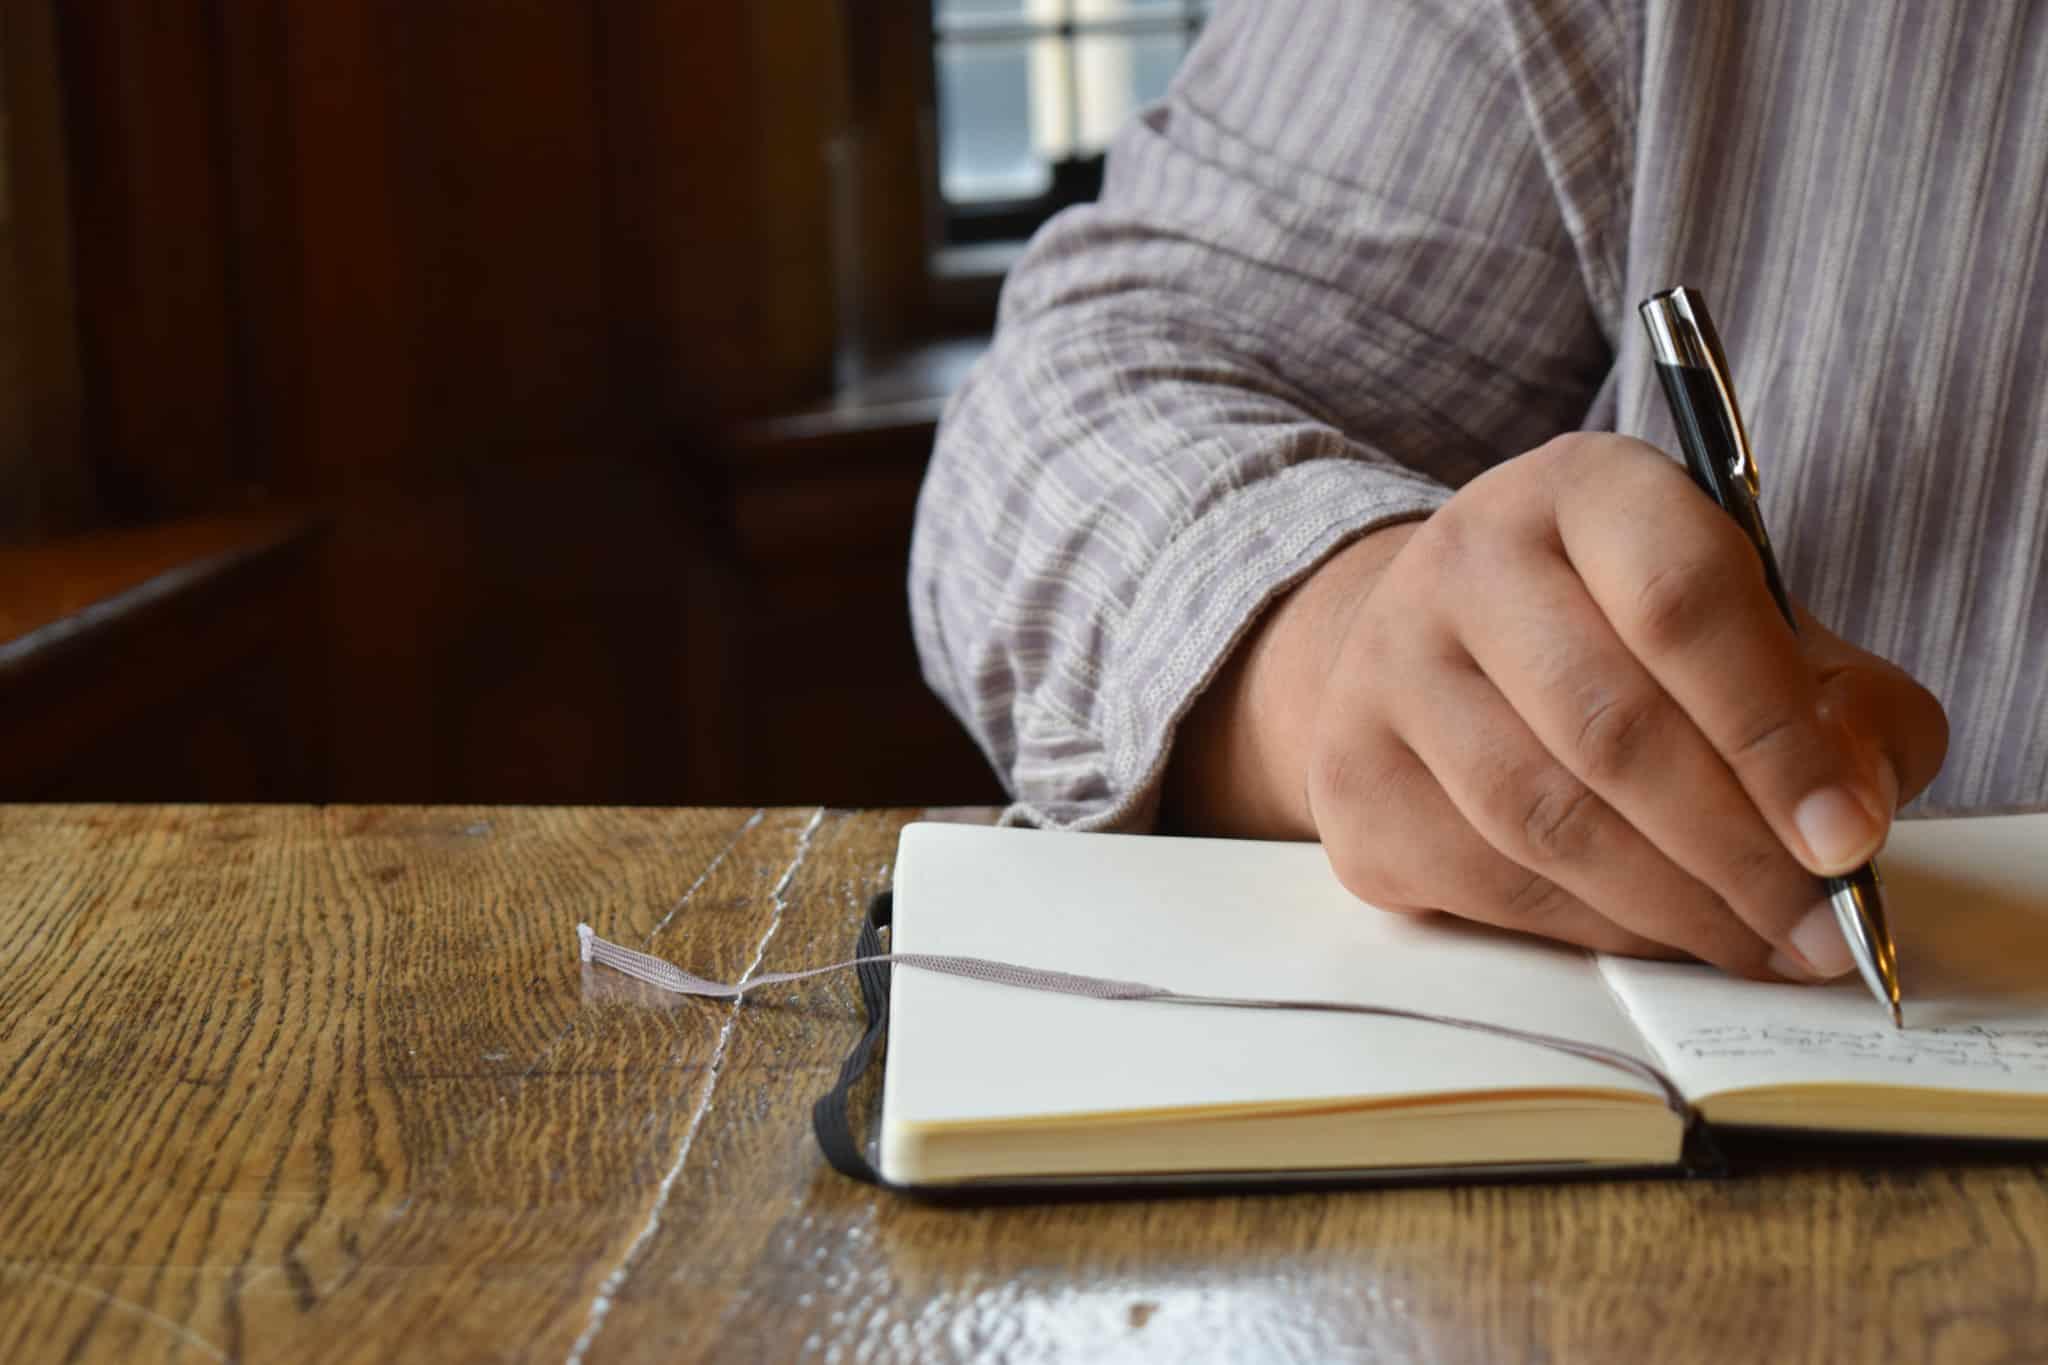 pessoa a escrever com uma caneta preta